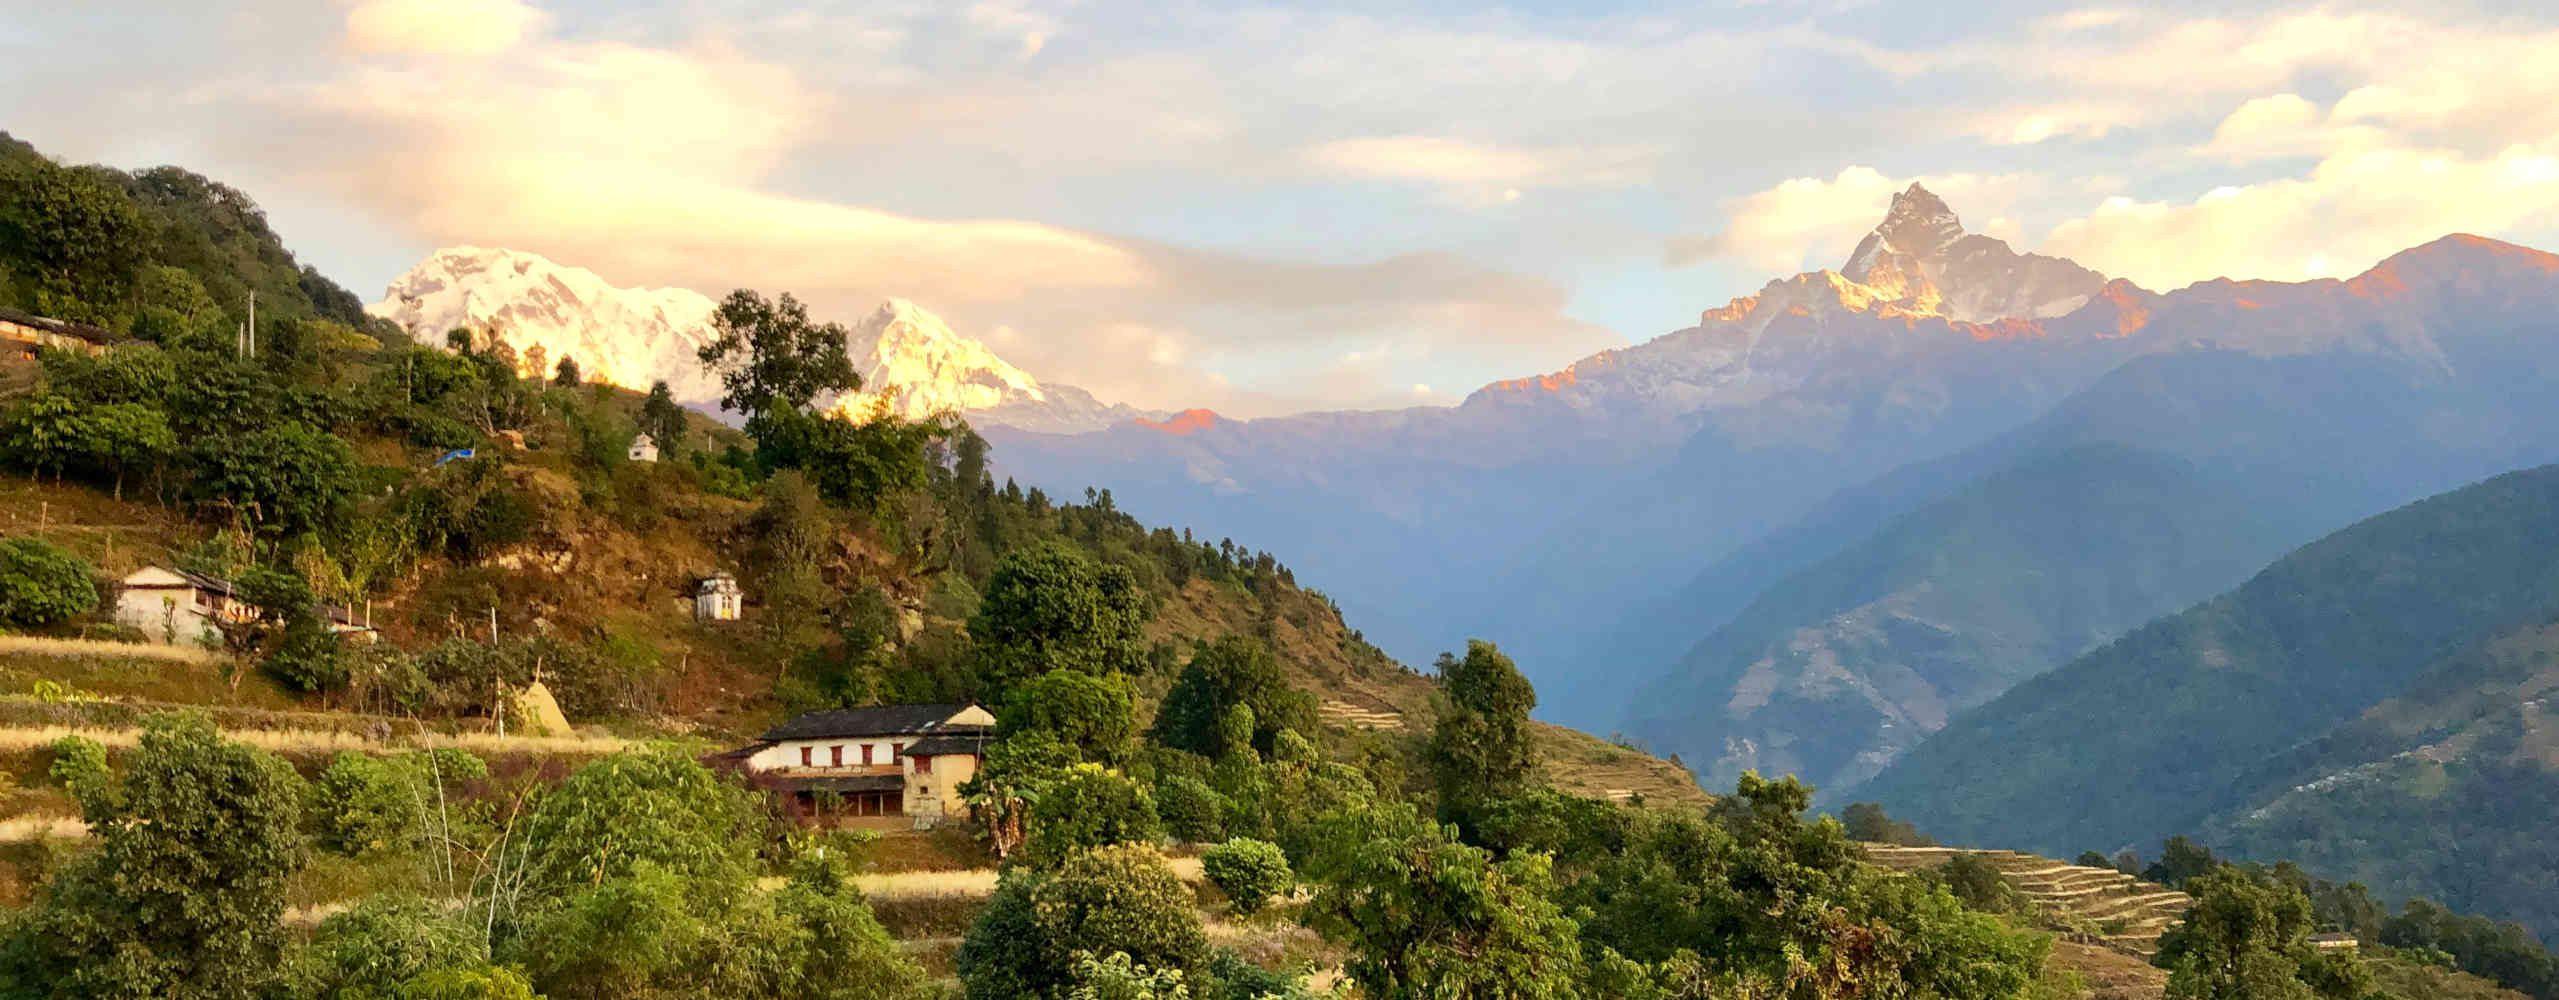 Reizen naar Nepal, Bhutan, China, India en Tibet met travel Nepal